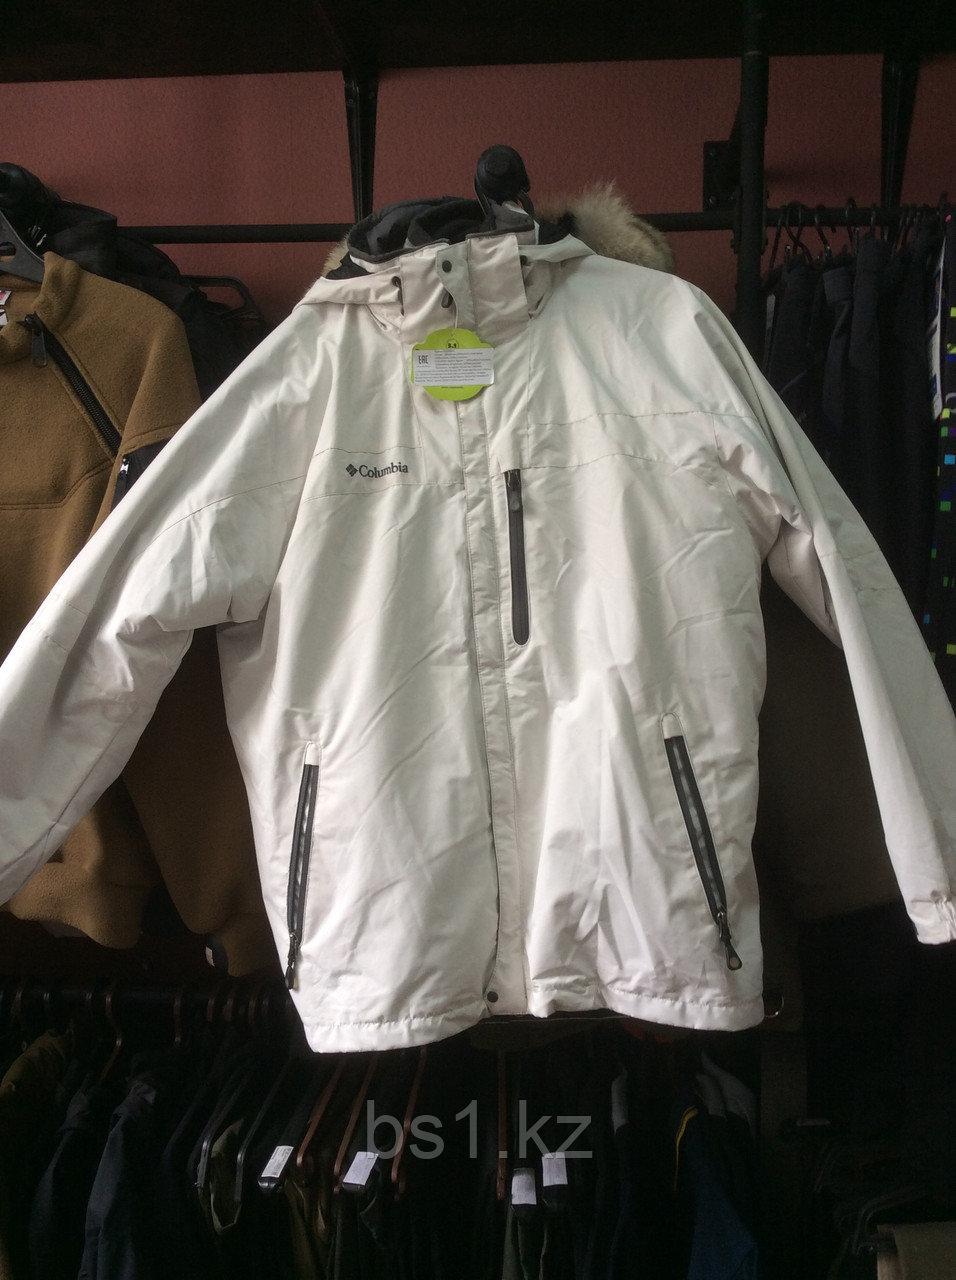 Куртка Columbia 2 в 1 ( 3 в 1 ) - фото 1